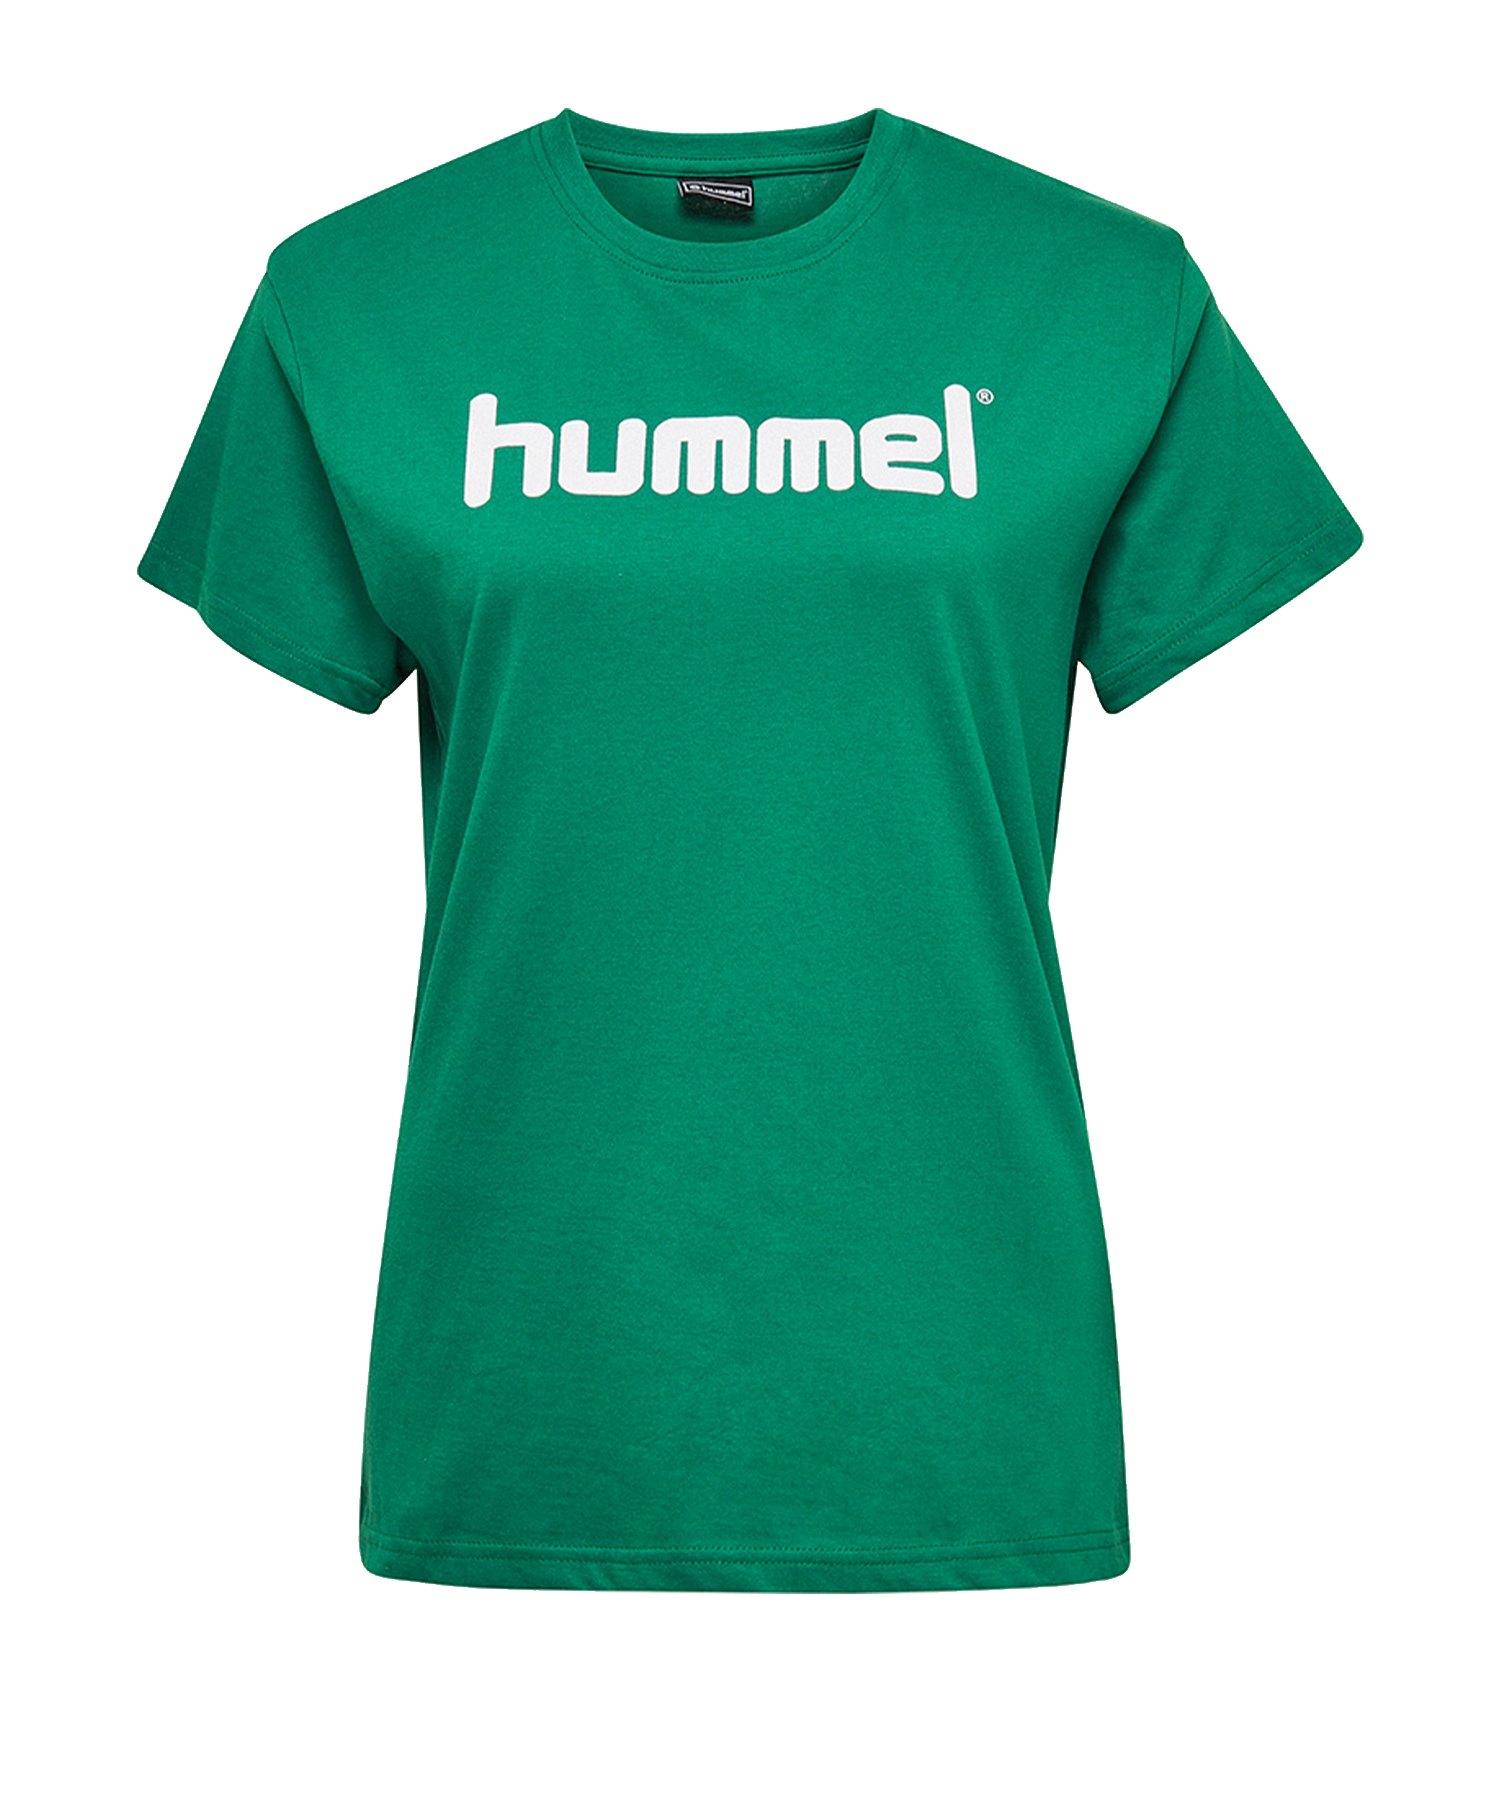 Hummel Cotton T-Shirt Logo Damen Grün F6140 - Gruen